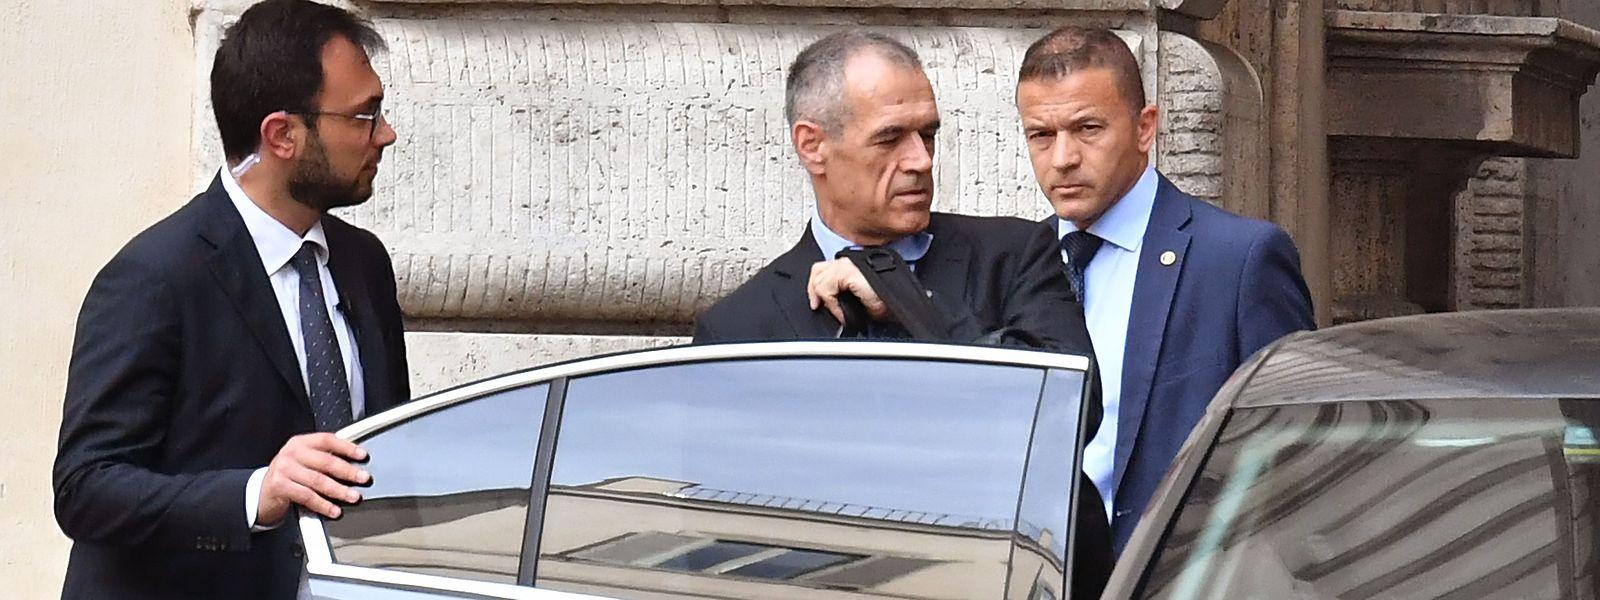 Finanzfachmann Carlo Cottarelli sollte als Übergangspremier eine Regierung ohne eigene Mehrheit bis zu Neuwahlen führen.